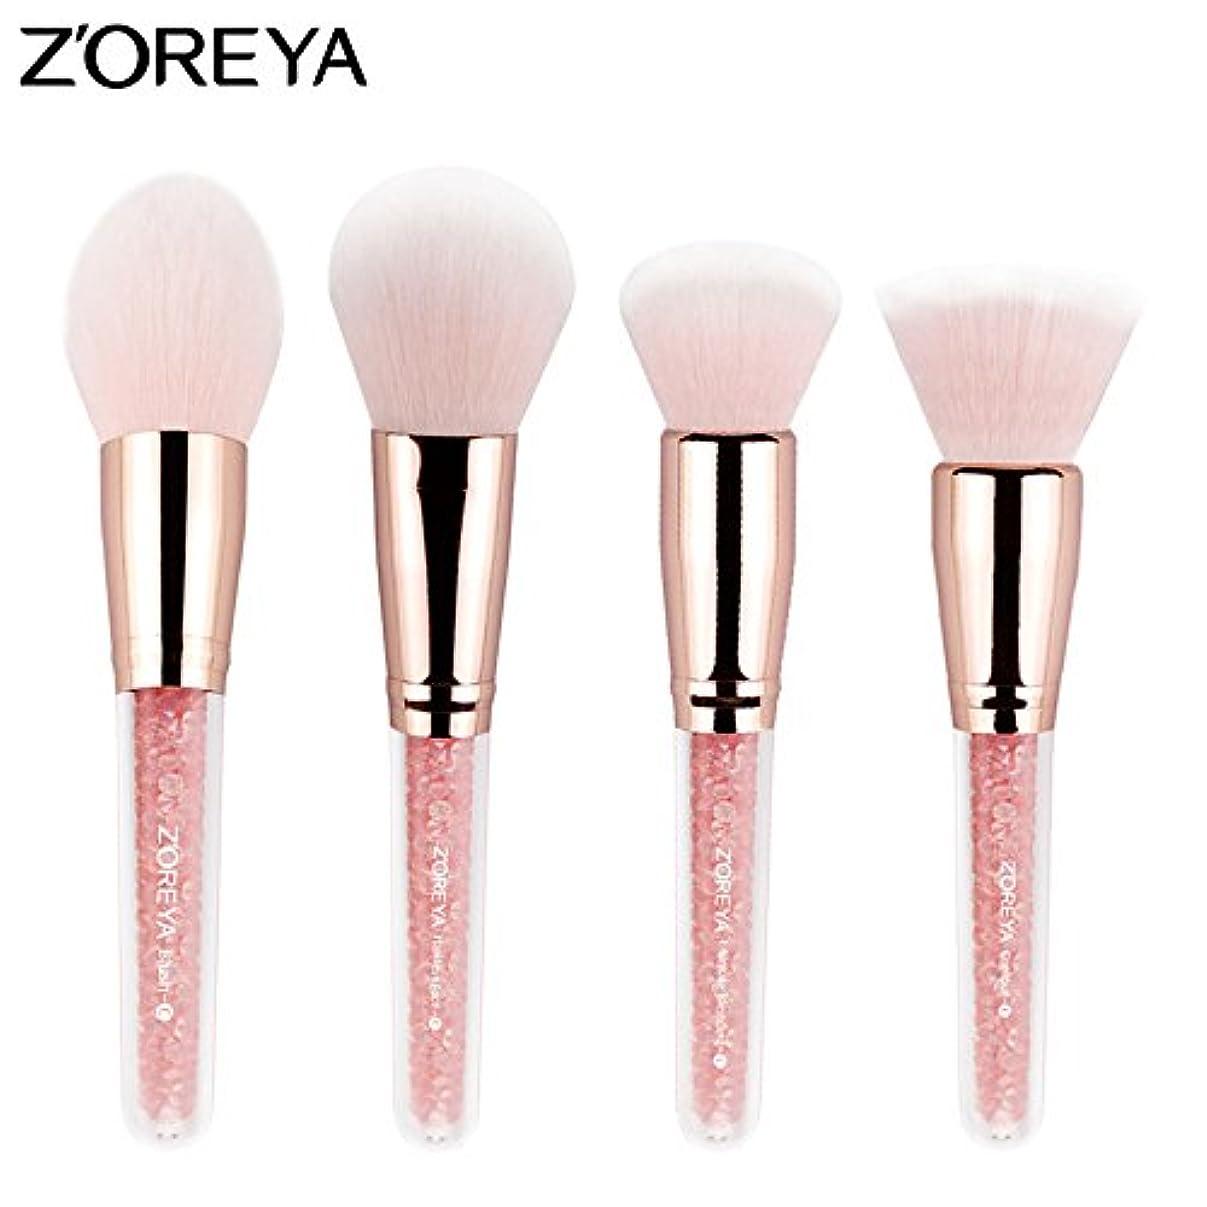 シンカン全体にアクセルAkane 4本 ZOREYA ピンク 可愛い 高級 柔らかい 桜 サクラ たっぷり 上等な使用感 優雅 綺麗 魅力 多機能 激安 日常 仕事 おしゃれ Makeup Brush メイクアップブラシ